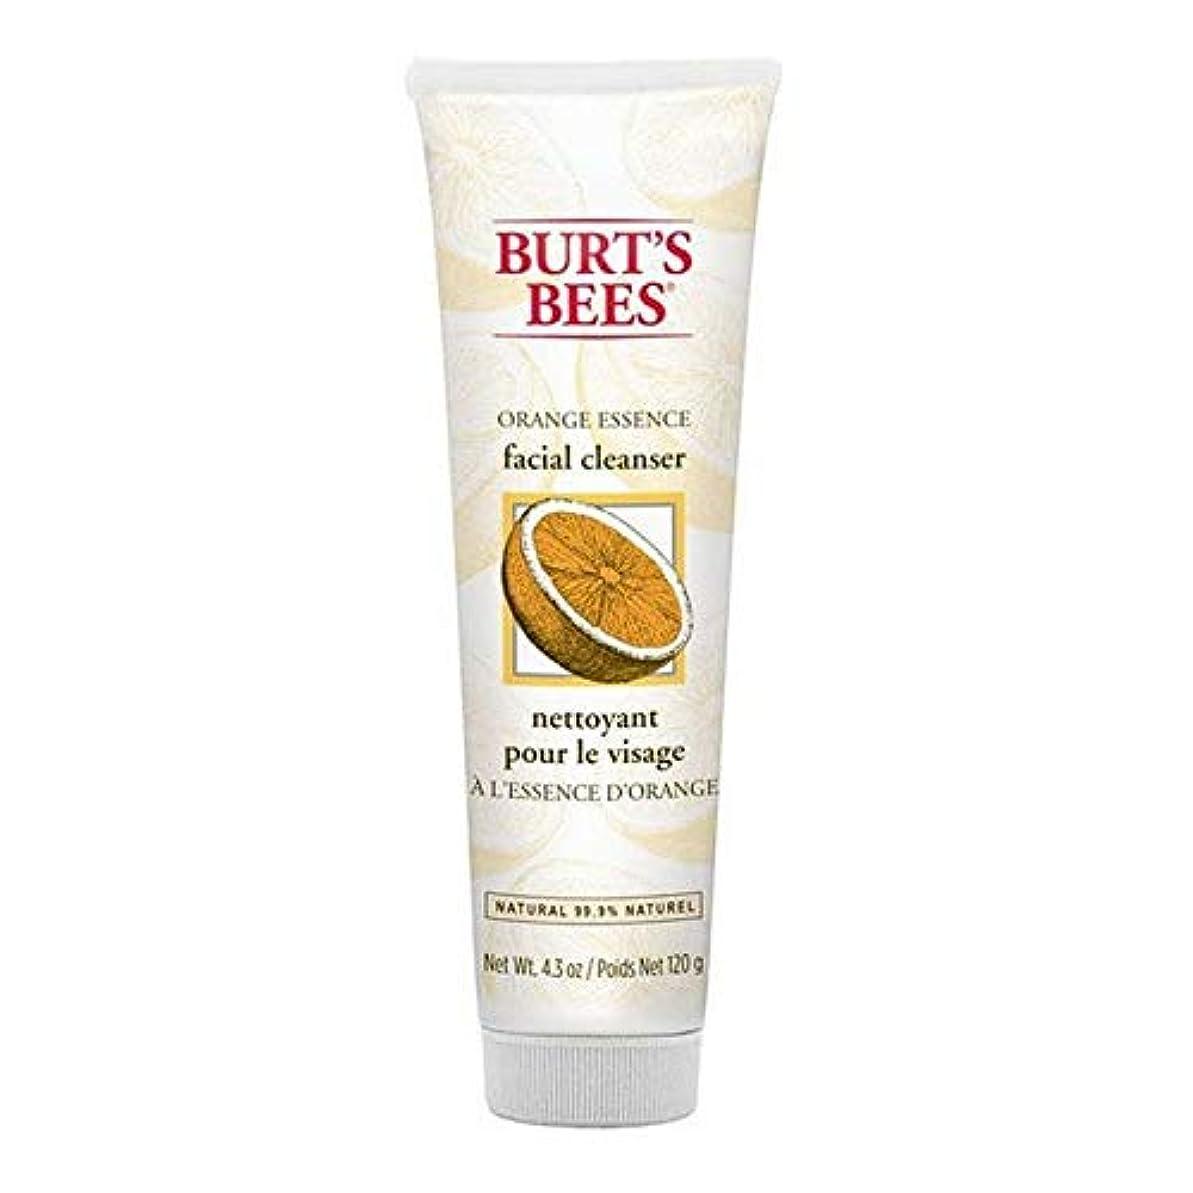 交響曲上流の顎[Burt's Bees ] バーツビーオレンジエッセンス洗顔料の120グラム - Burt's Bees Orange Essence Facial Cleanser 120g [並行輸入品]